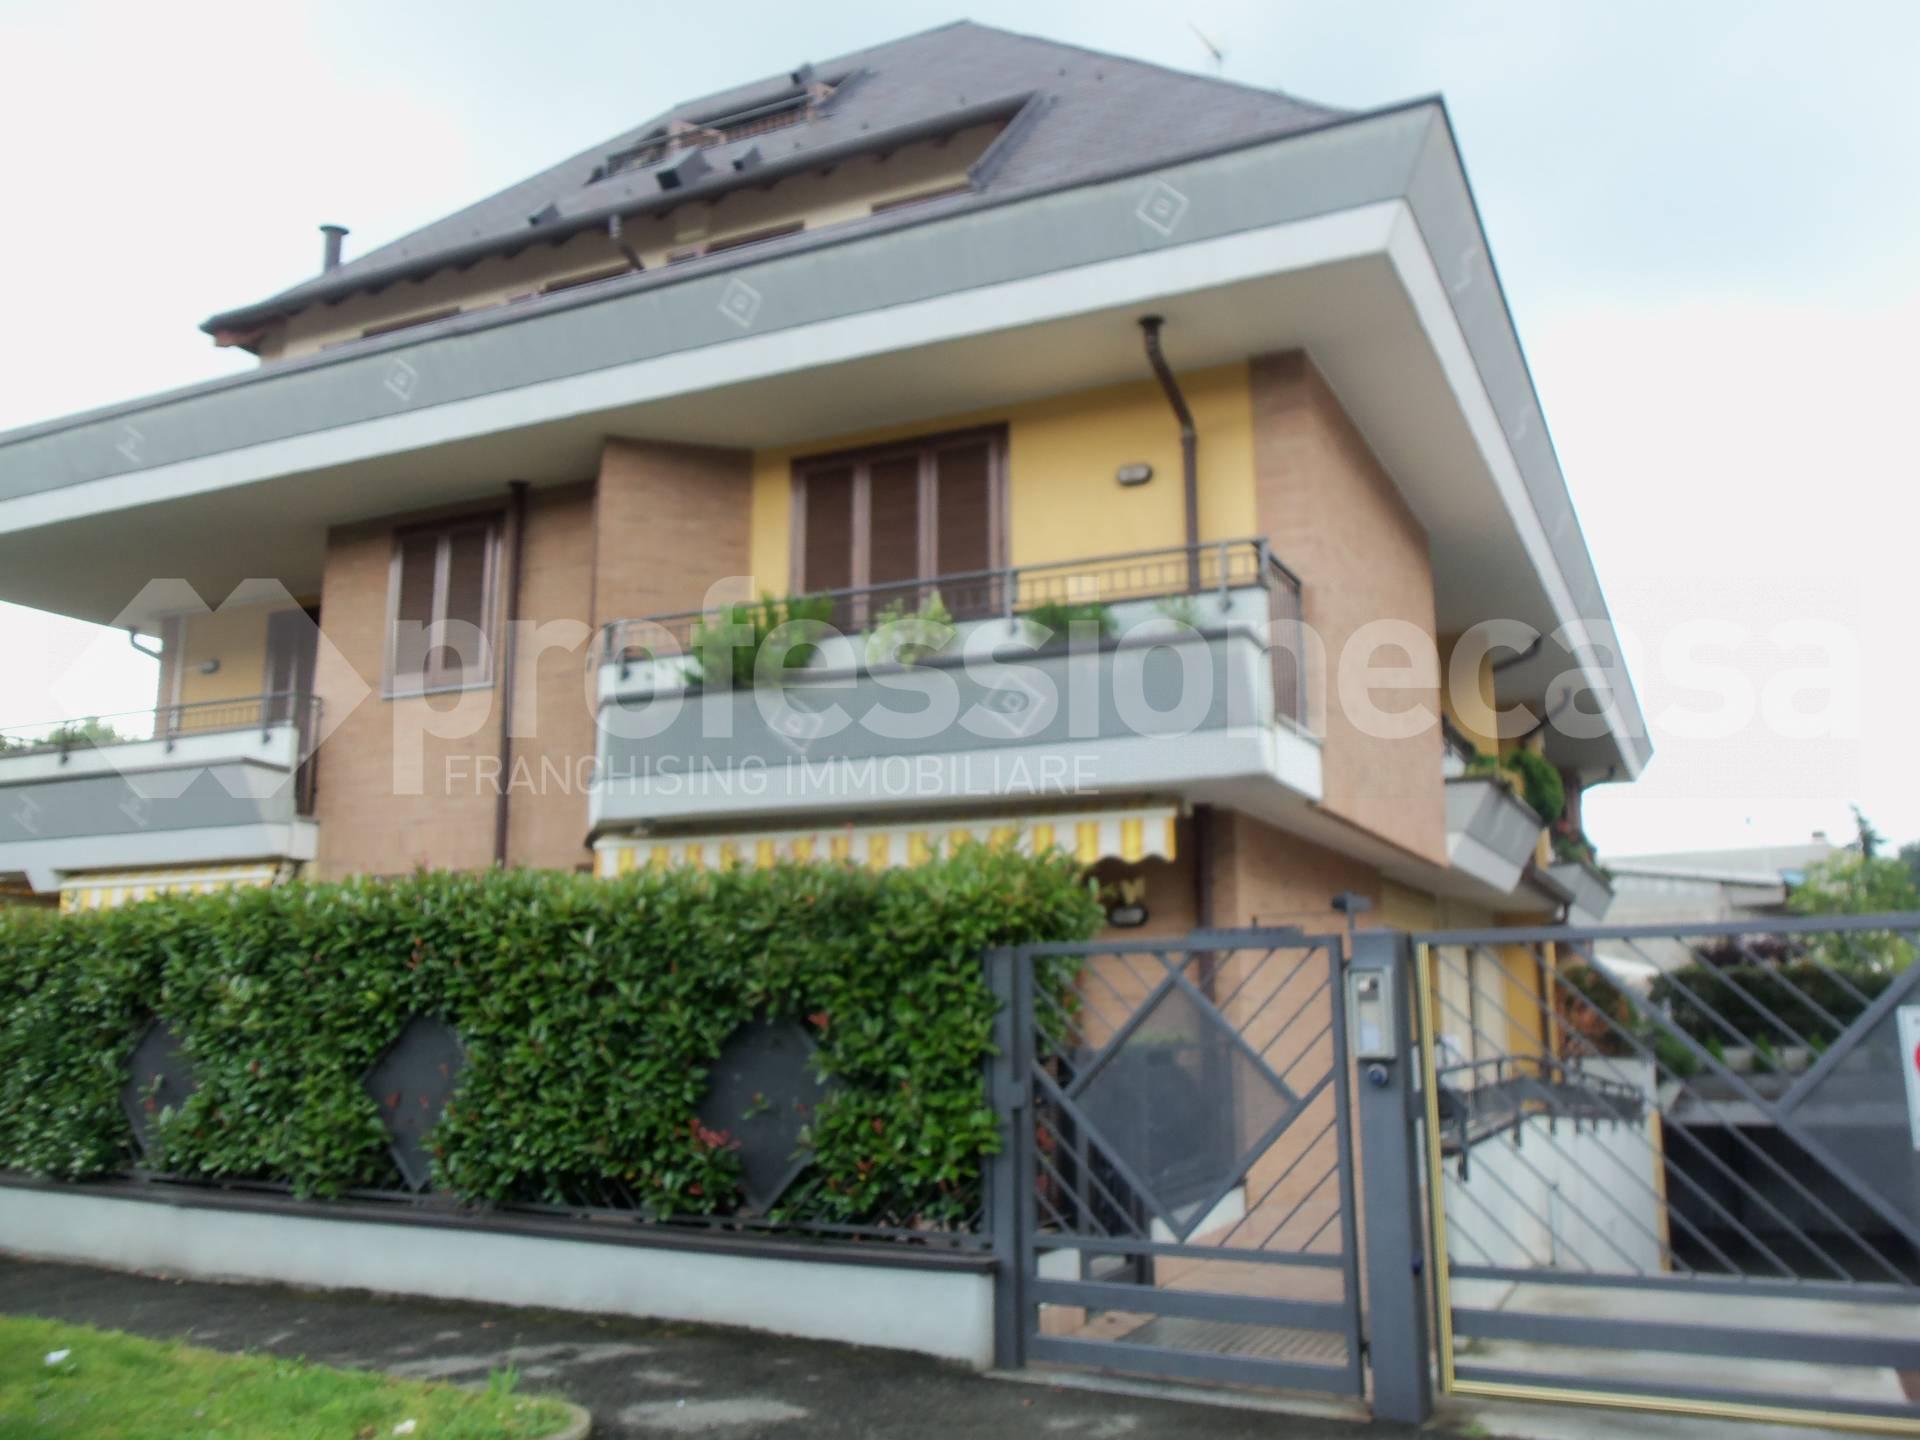 46e997e56 Appartamento in Vendita a Busto Arsizio - Borsano Cod. 304284